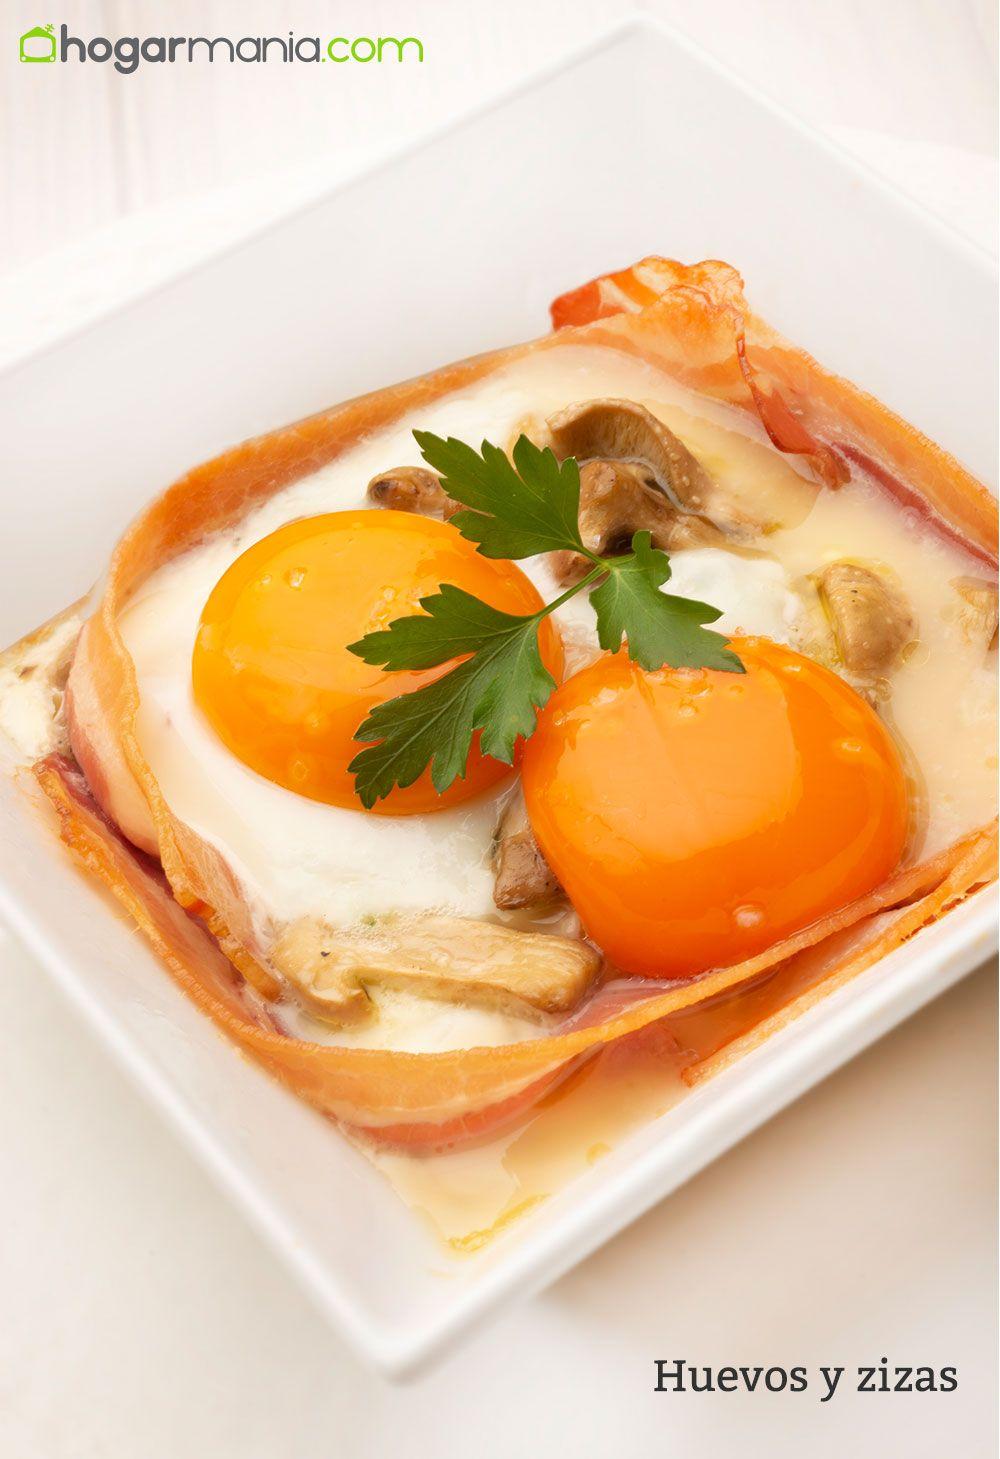 huevos y zizas - foto vertical